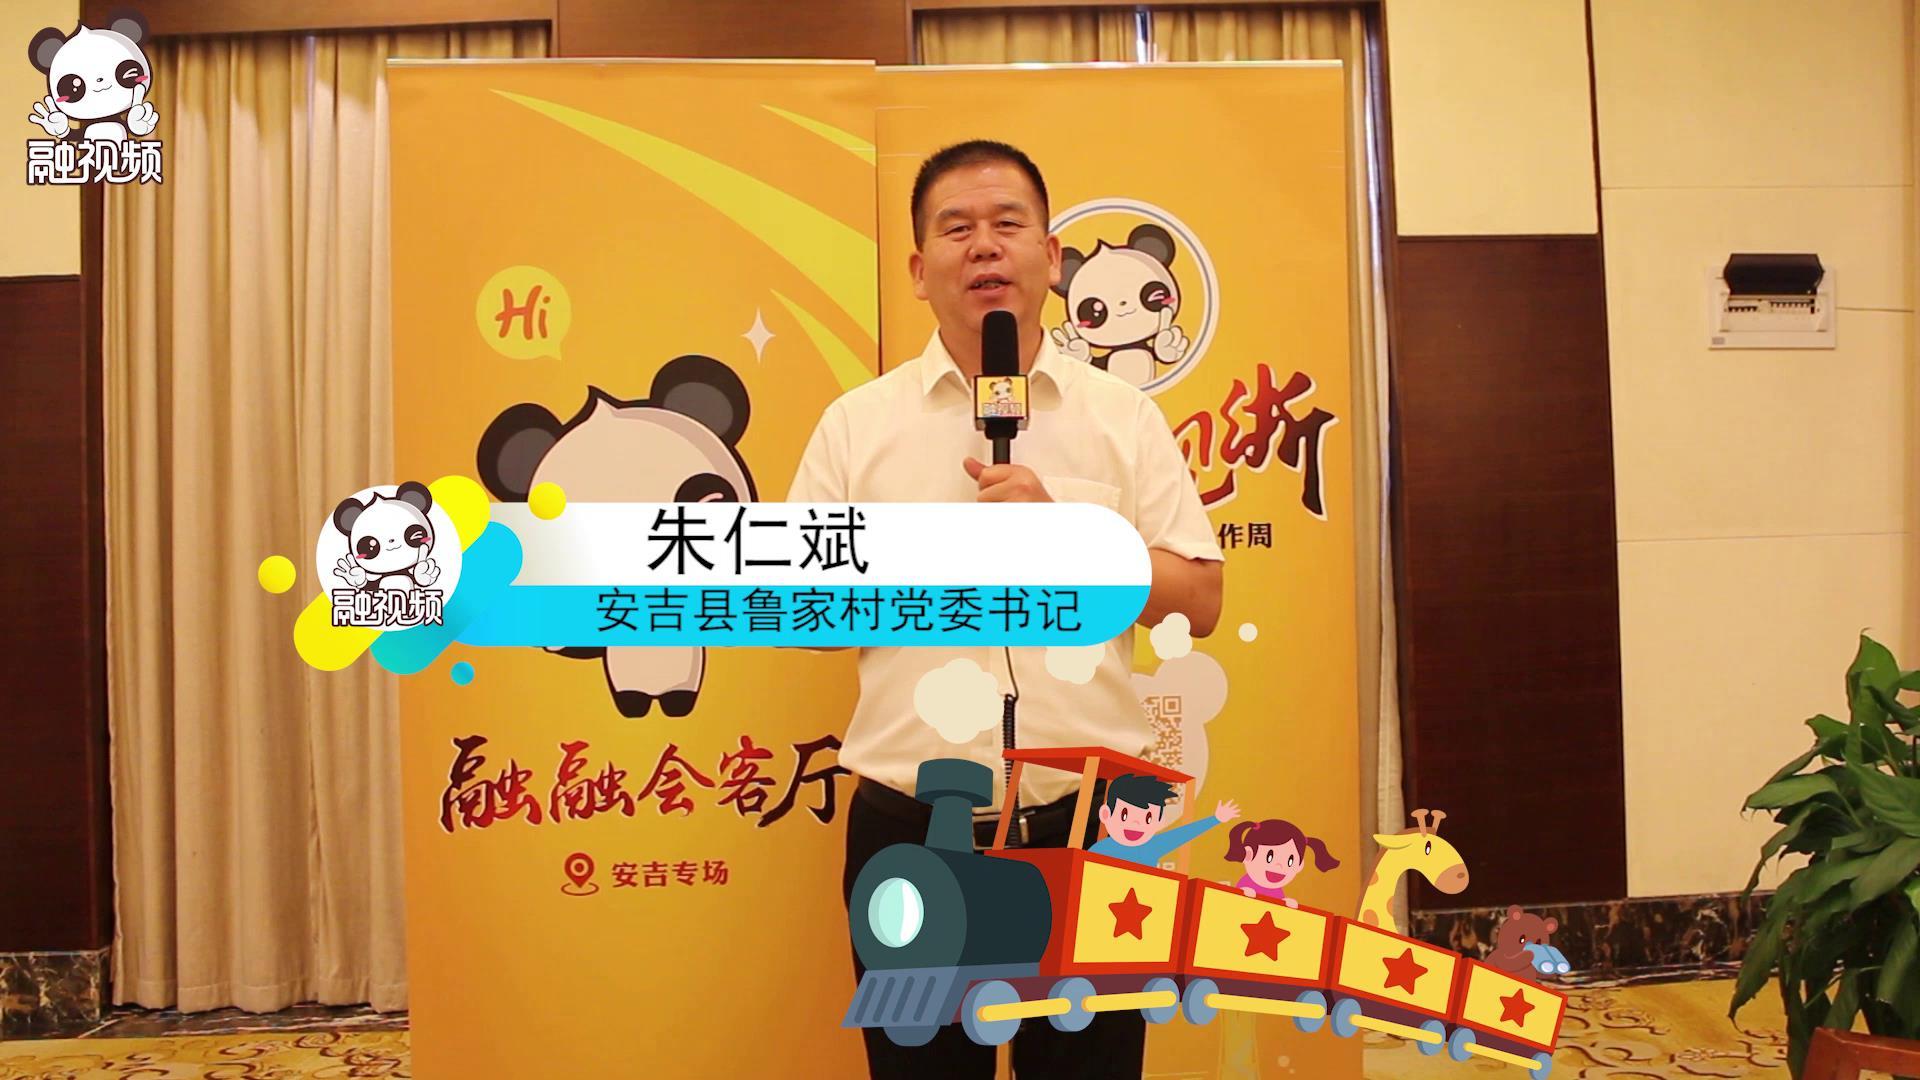 专访安吉县鲁家村党委书记朱仁斌图片